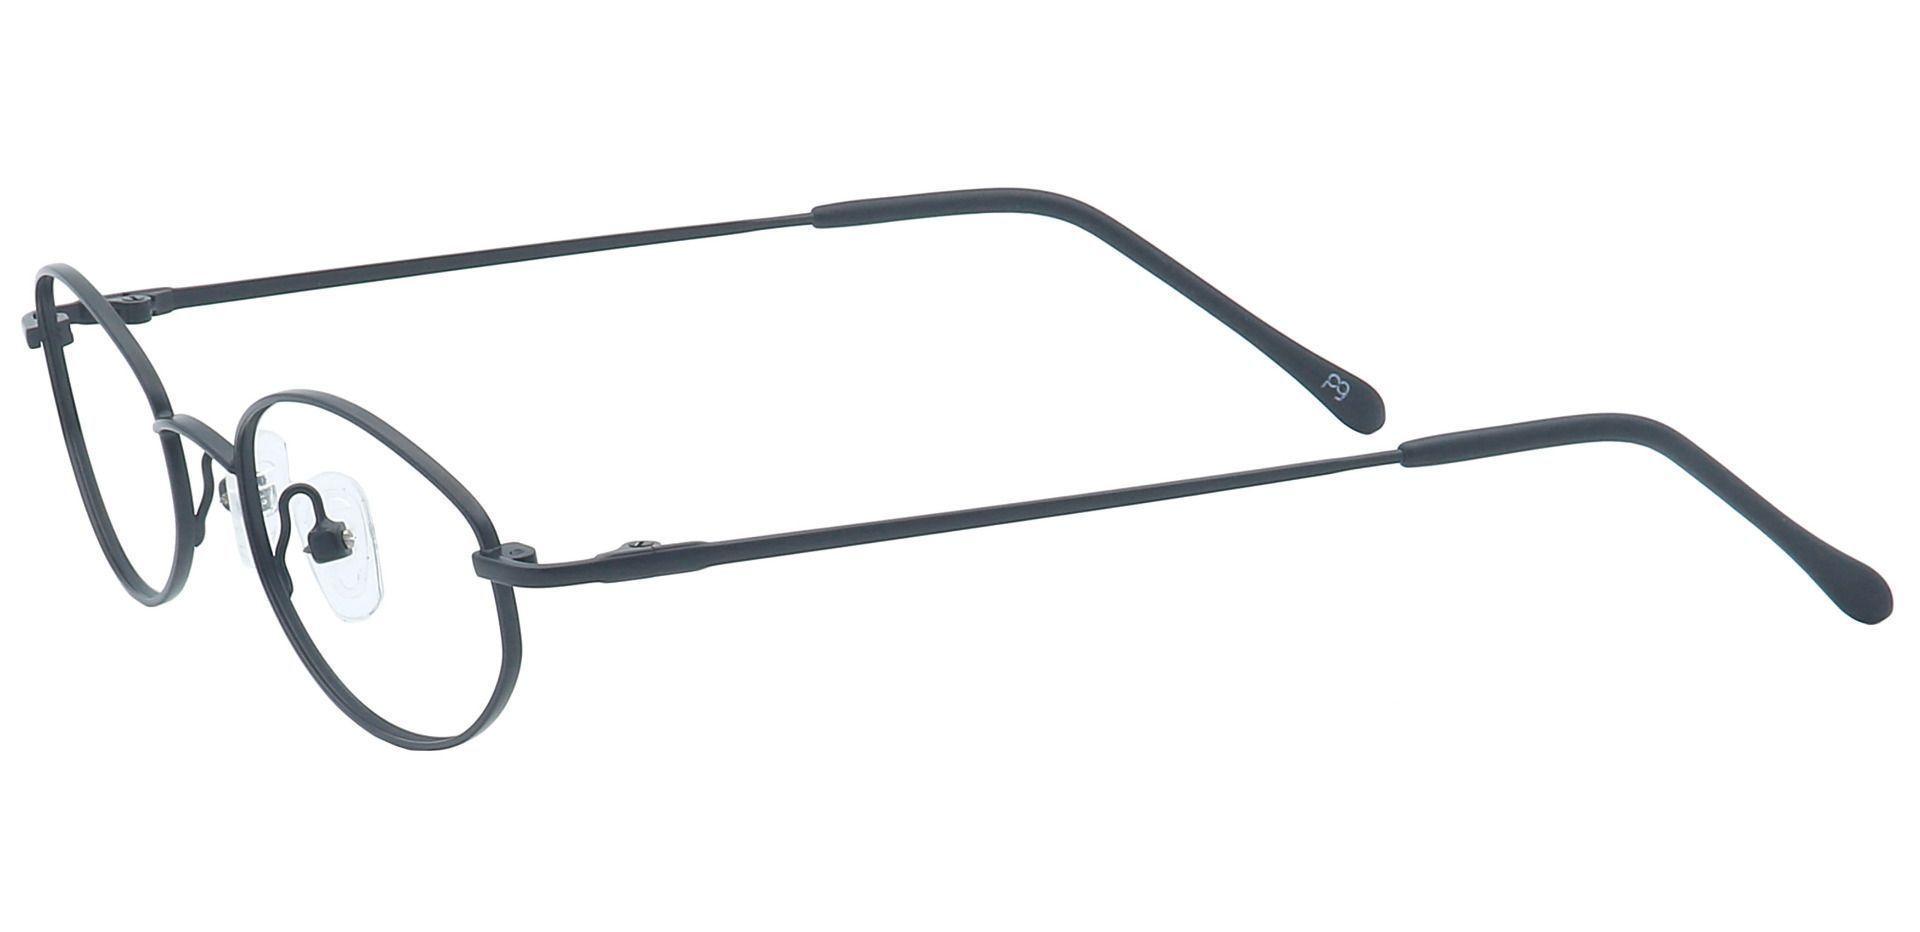 Odion Oval Non-Rx Glasses - Black